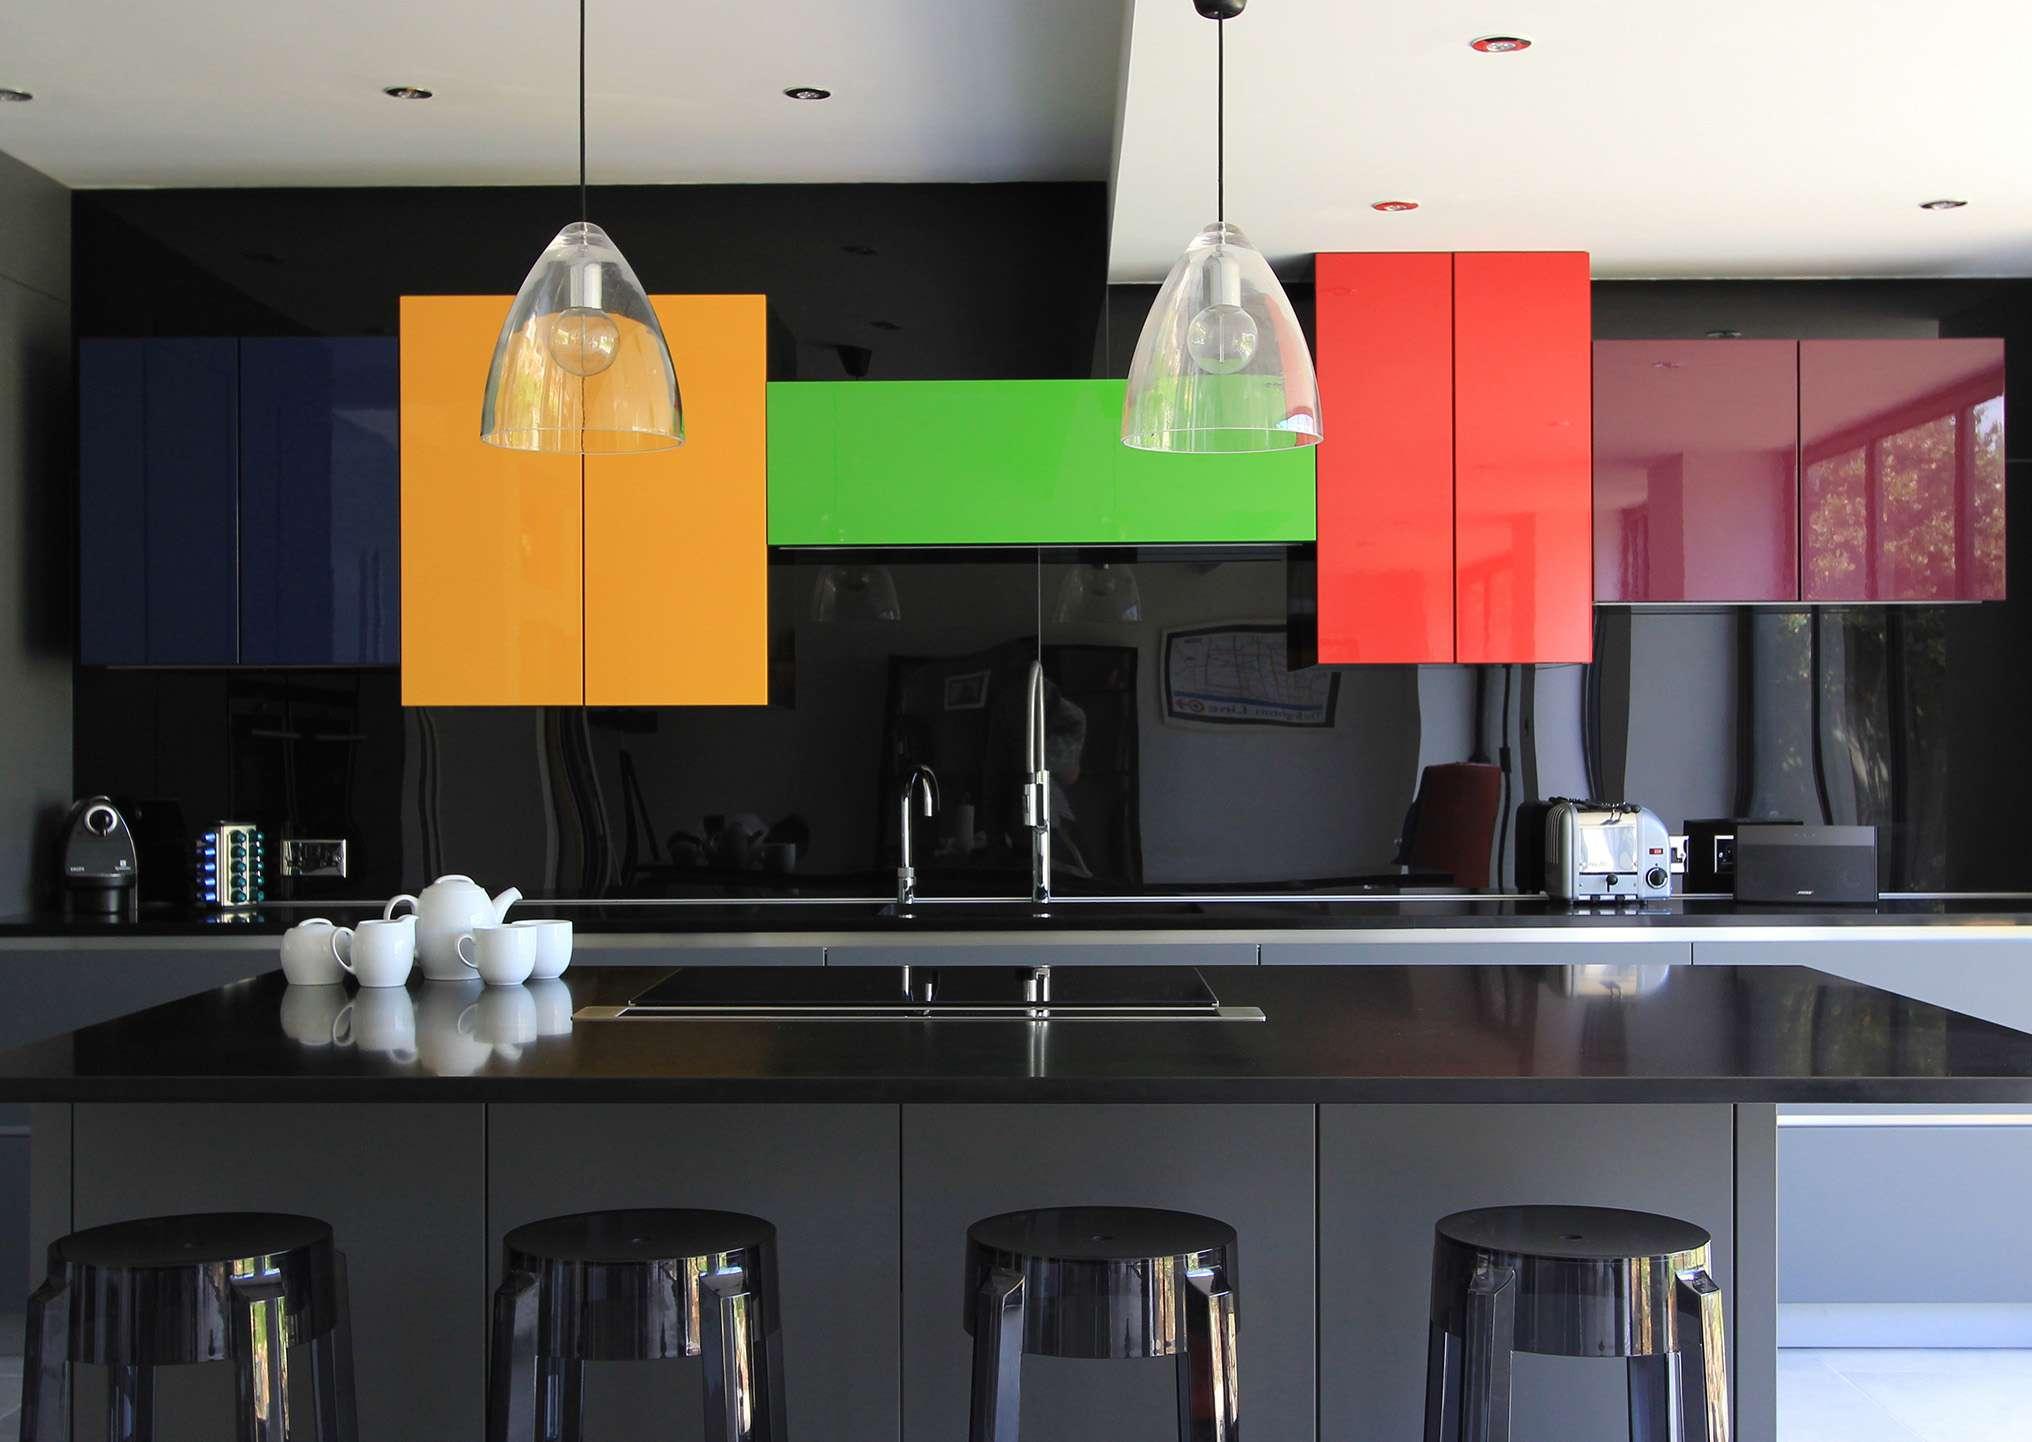 Encimeras de cuarzo negro brillante con gabinetes de color amarillo, verde, azul, rojo y morado